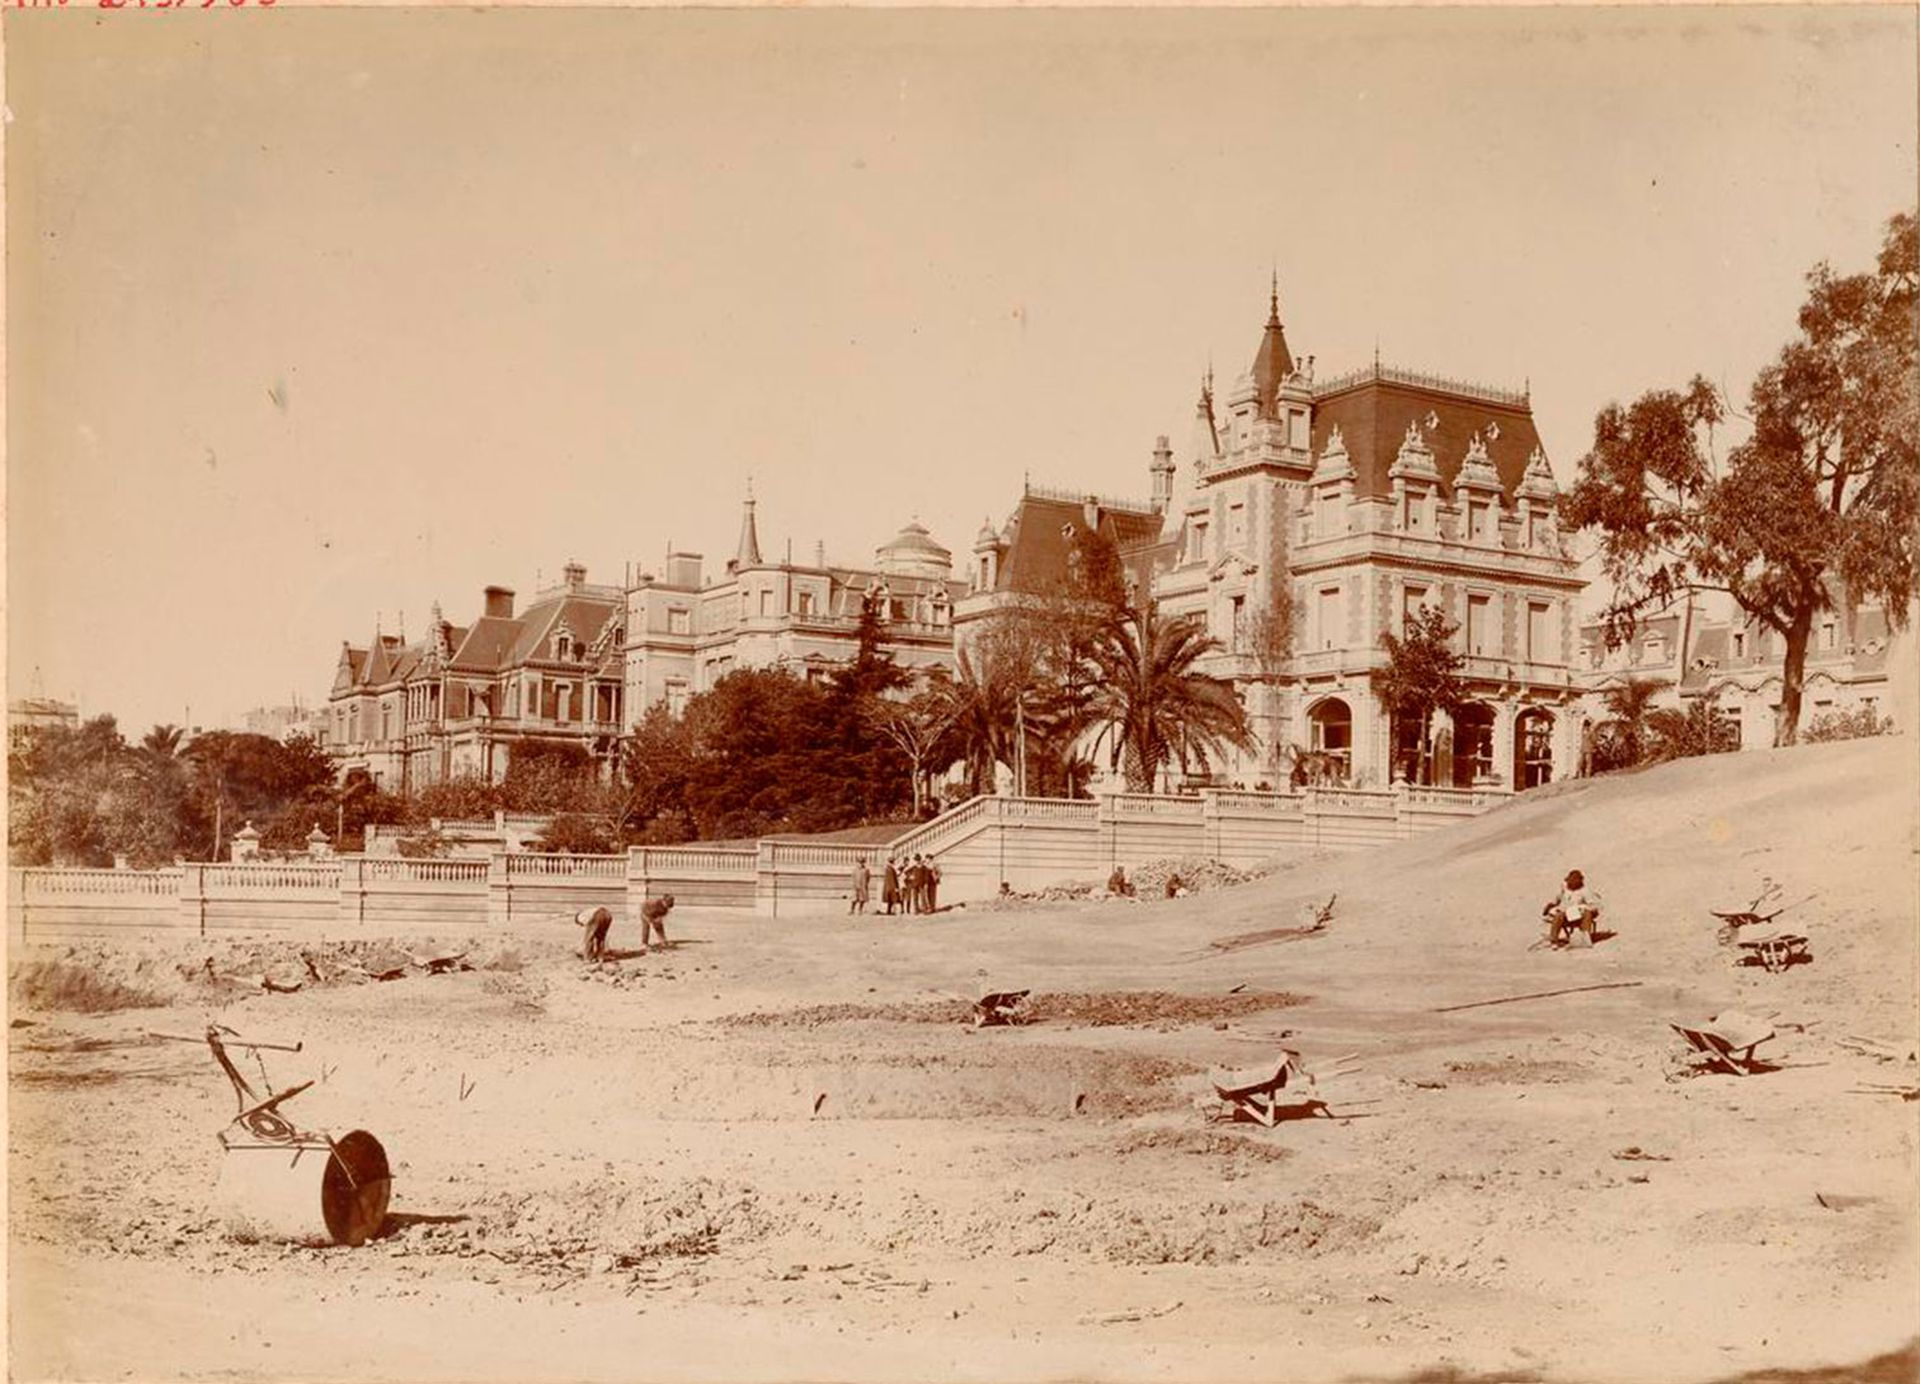 Fachada noroeste del Palacio Dose, fotografiado desde la barranca que desembocaba en la ribera del Río de la Plata.